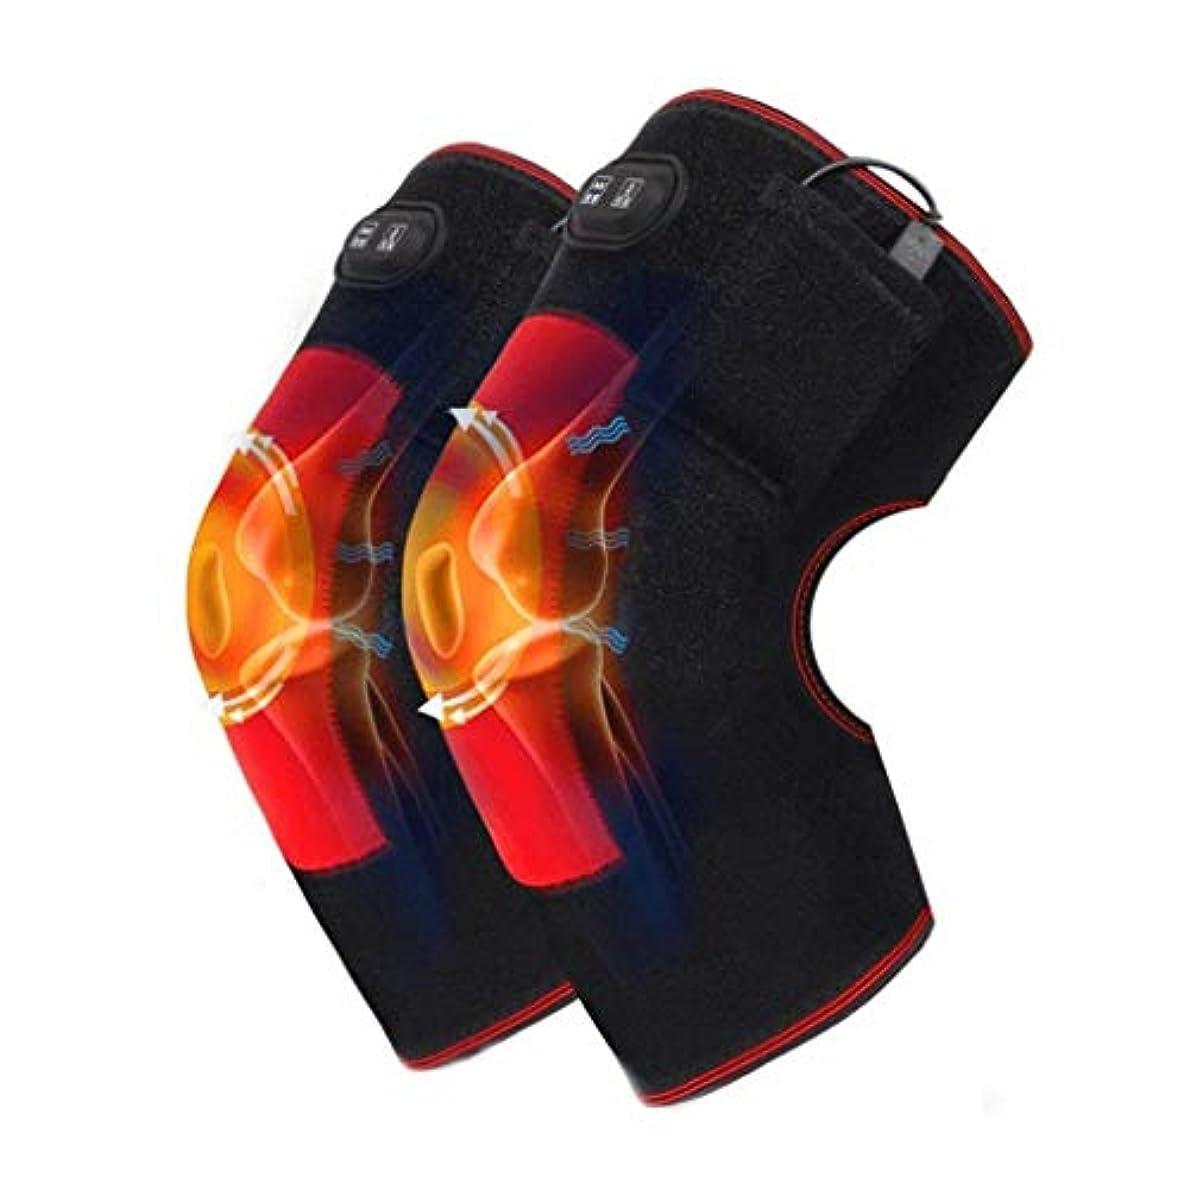 手抑圧入る膝圧迫スリーブ、膝巻き式温熱パッド、関節炎、慢性関節痛、腱炎、膝脱臼、涙靭帯を効果的に緩和できる